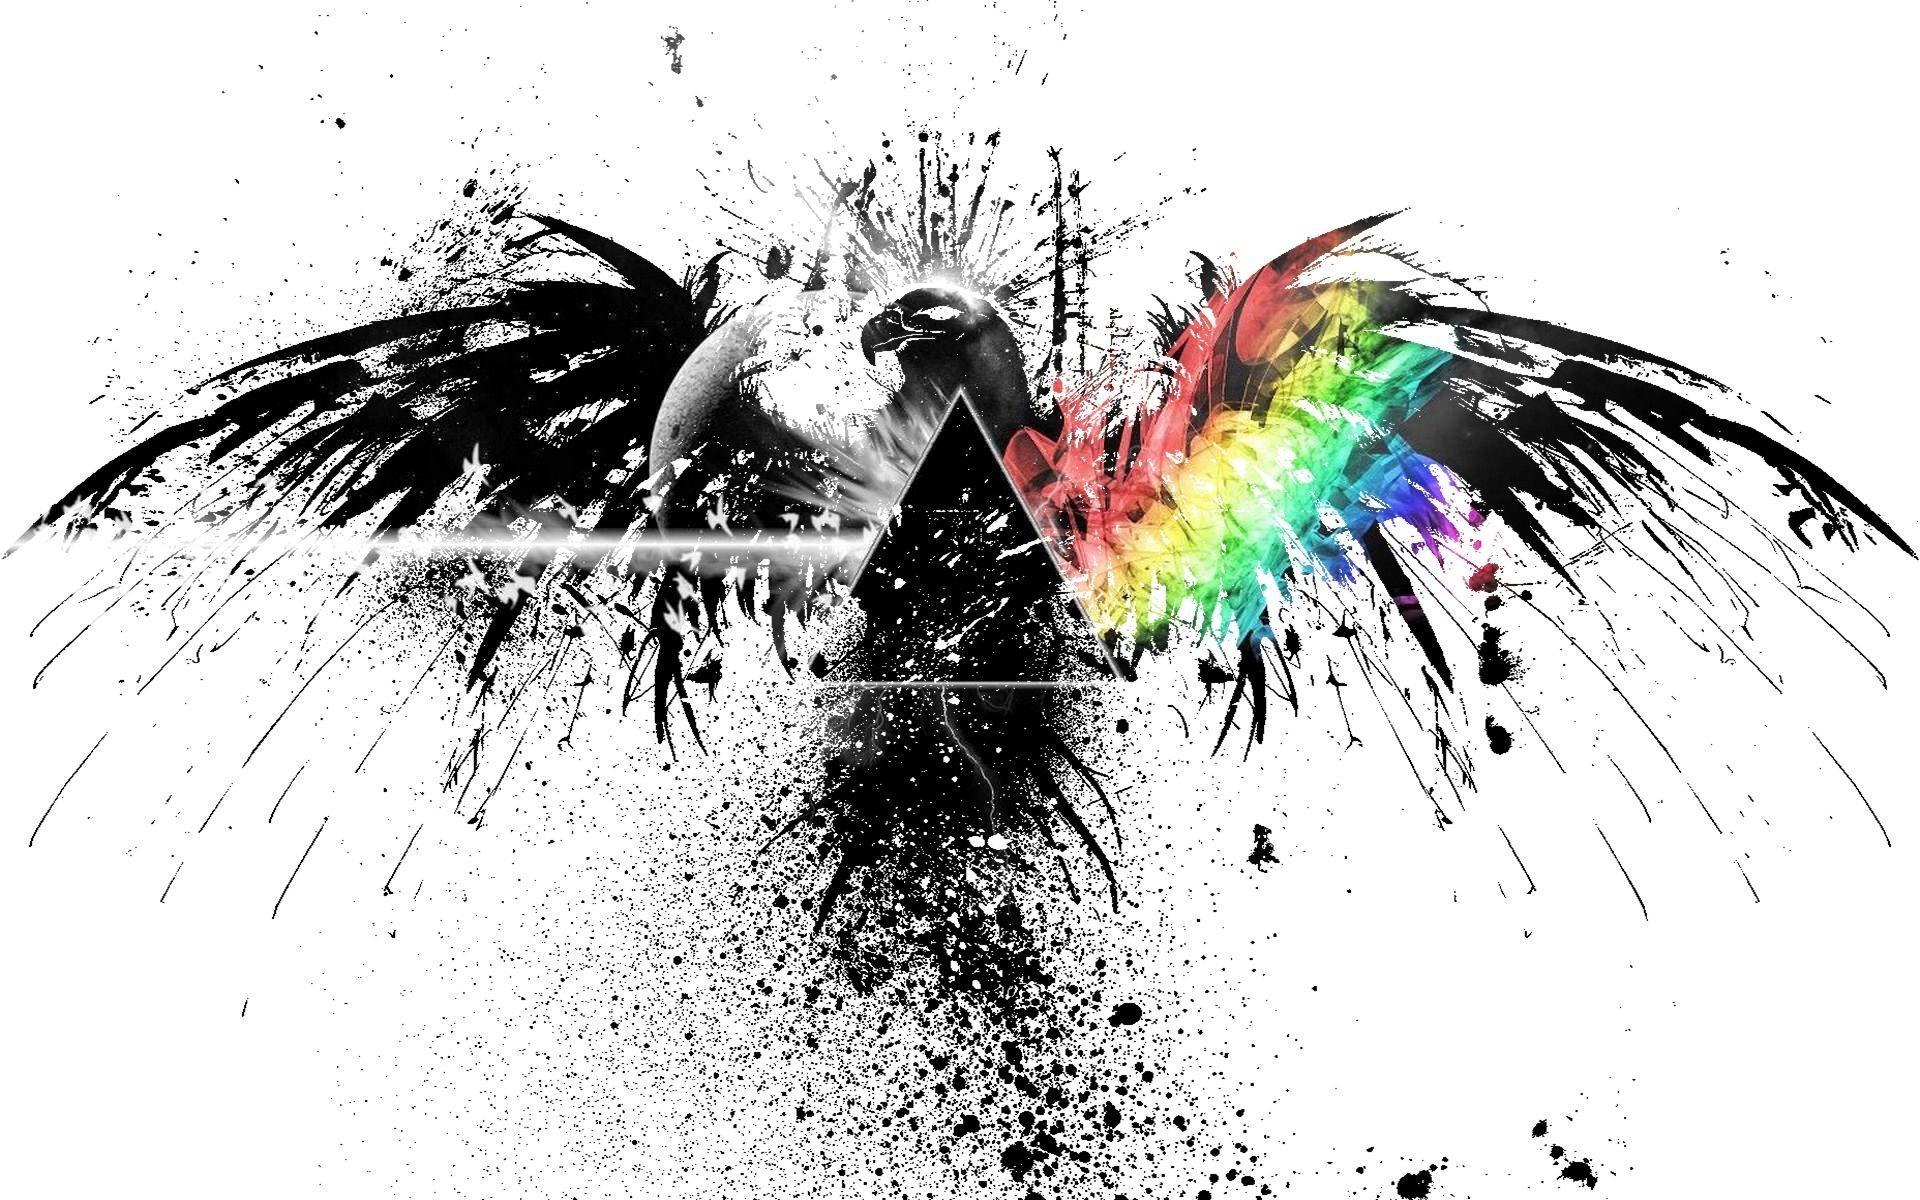 Hd Wallpapers Widescreen 1080p 3d Wallpaper 1920x1080 Full Hd 1080p 1080i Pink Floyd Bird Graphics Pink Floyd Wallpaper Pink Floyd Art Pink Floyd Tattoo